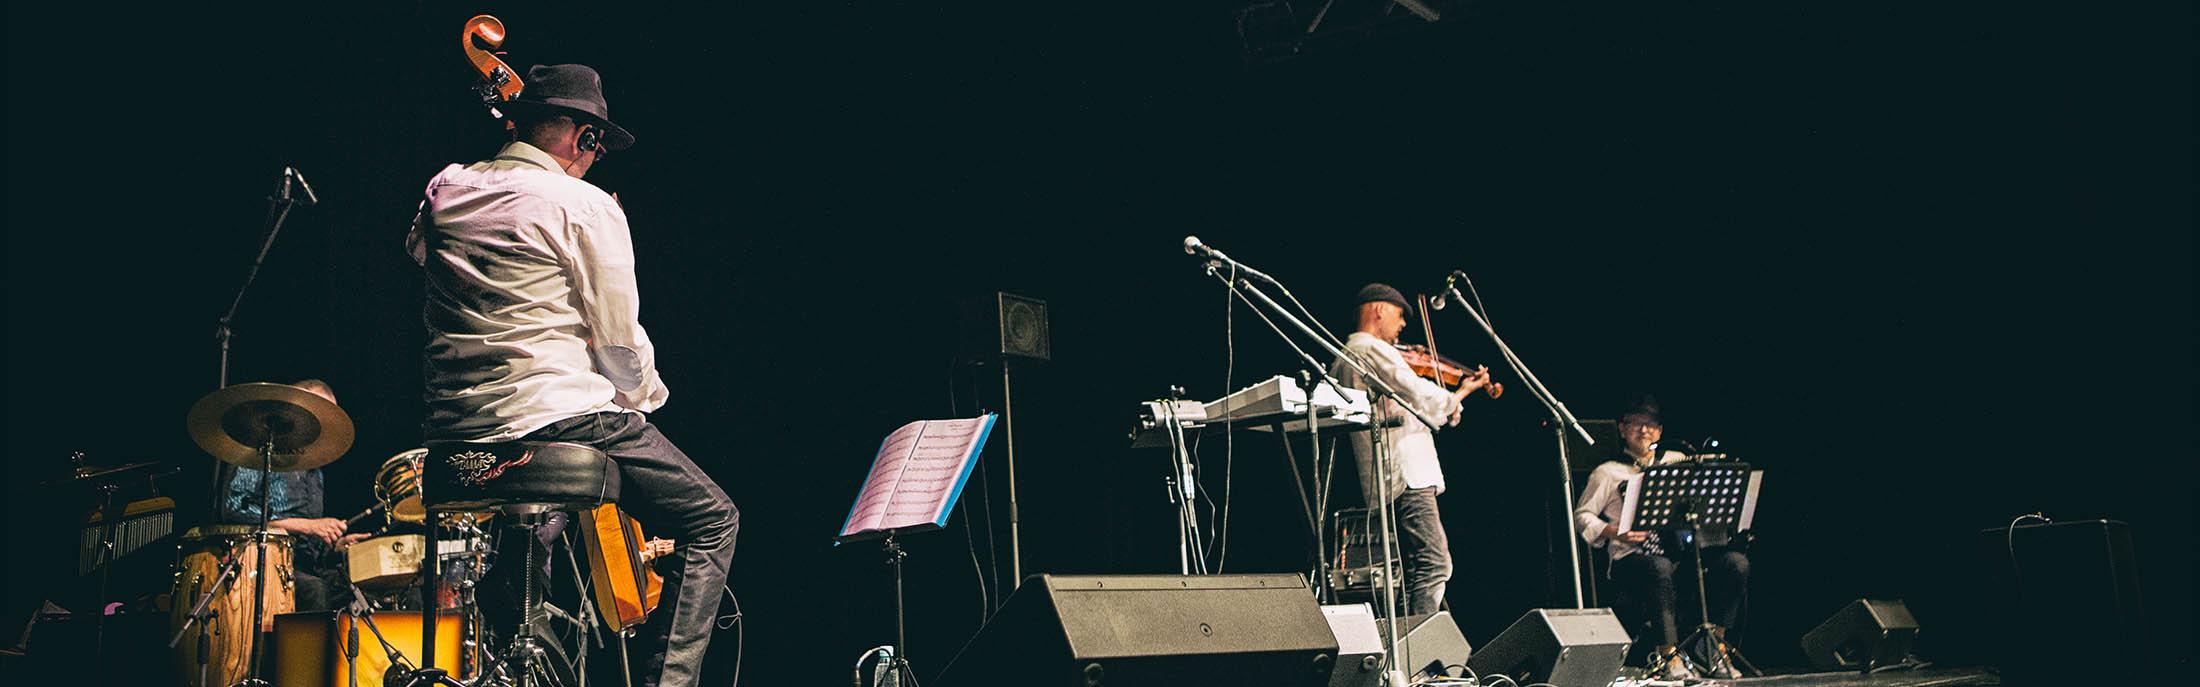 kroke jopek singer 2017 fot rzepka